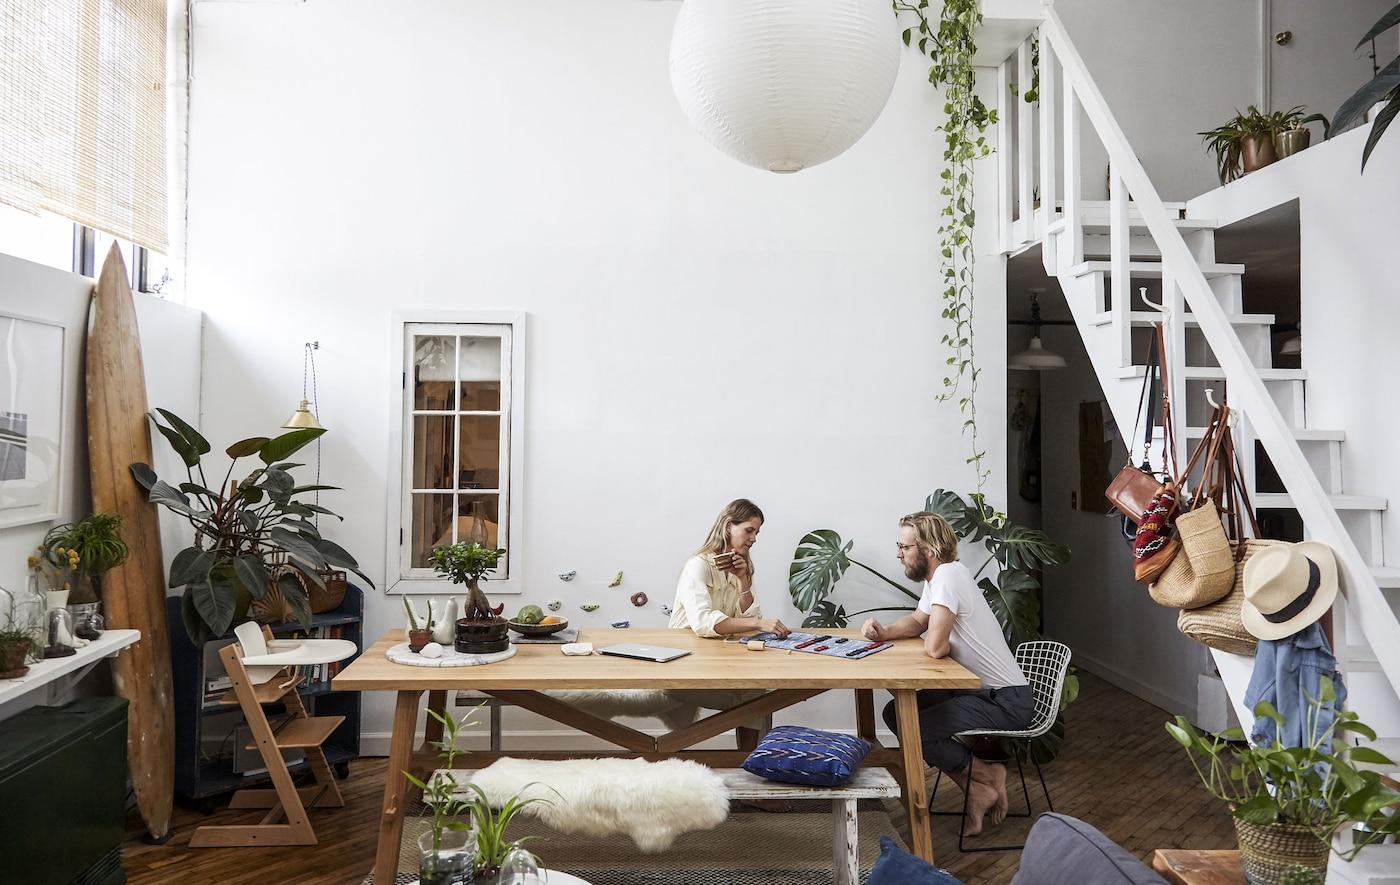 挑选一张多功能桌子